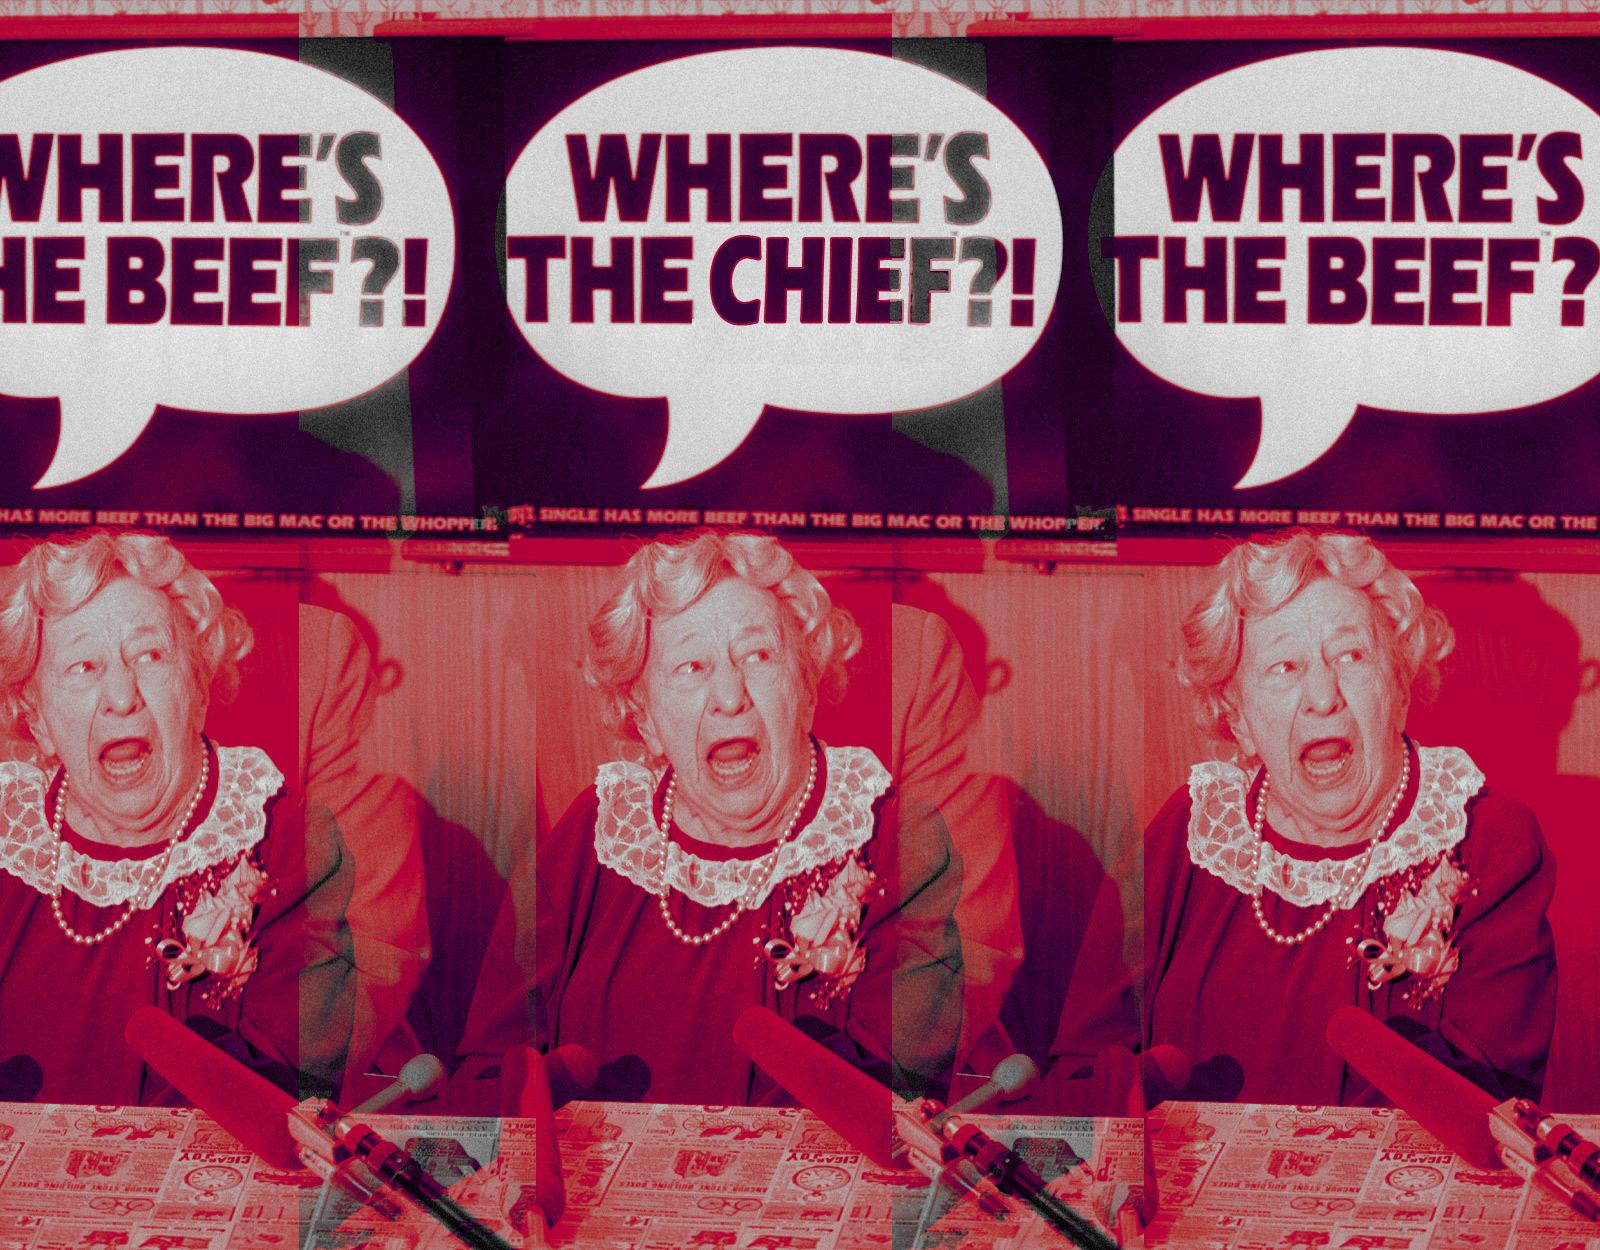 Where's the Chief? - The Bulwark